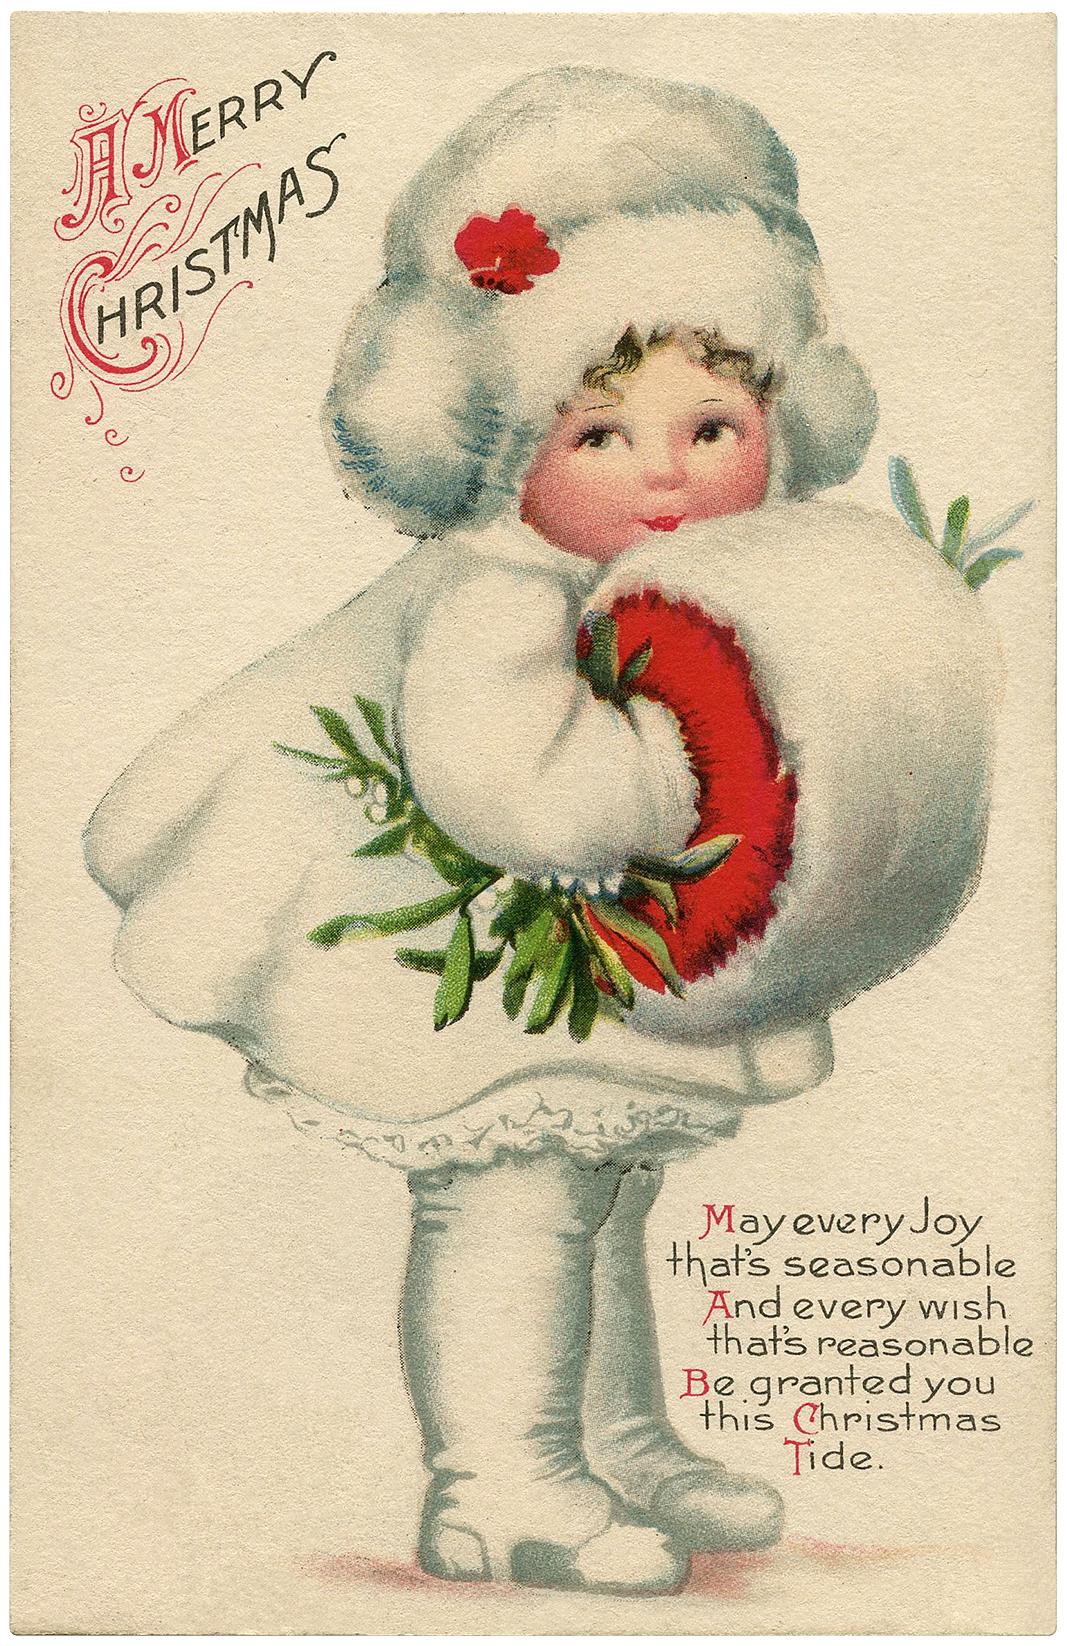 Christmas Snow Girl Image